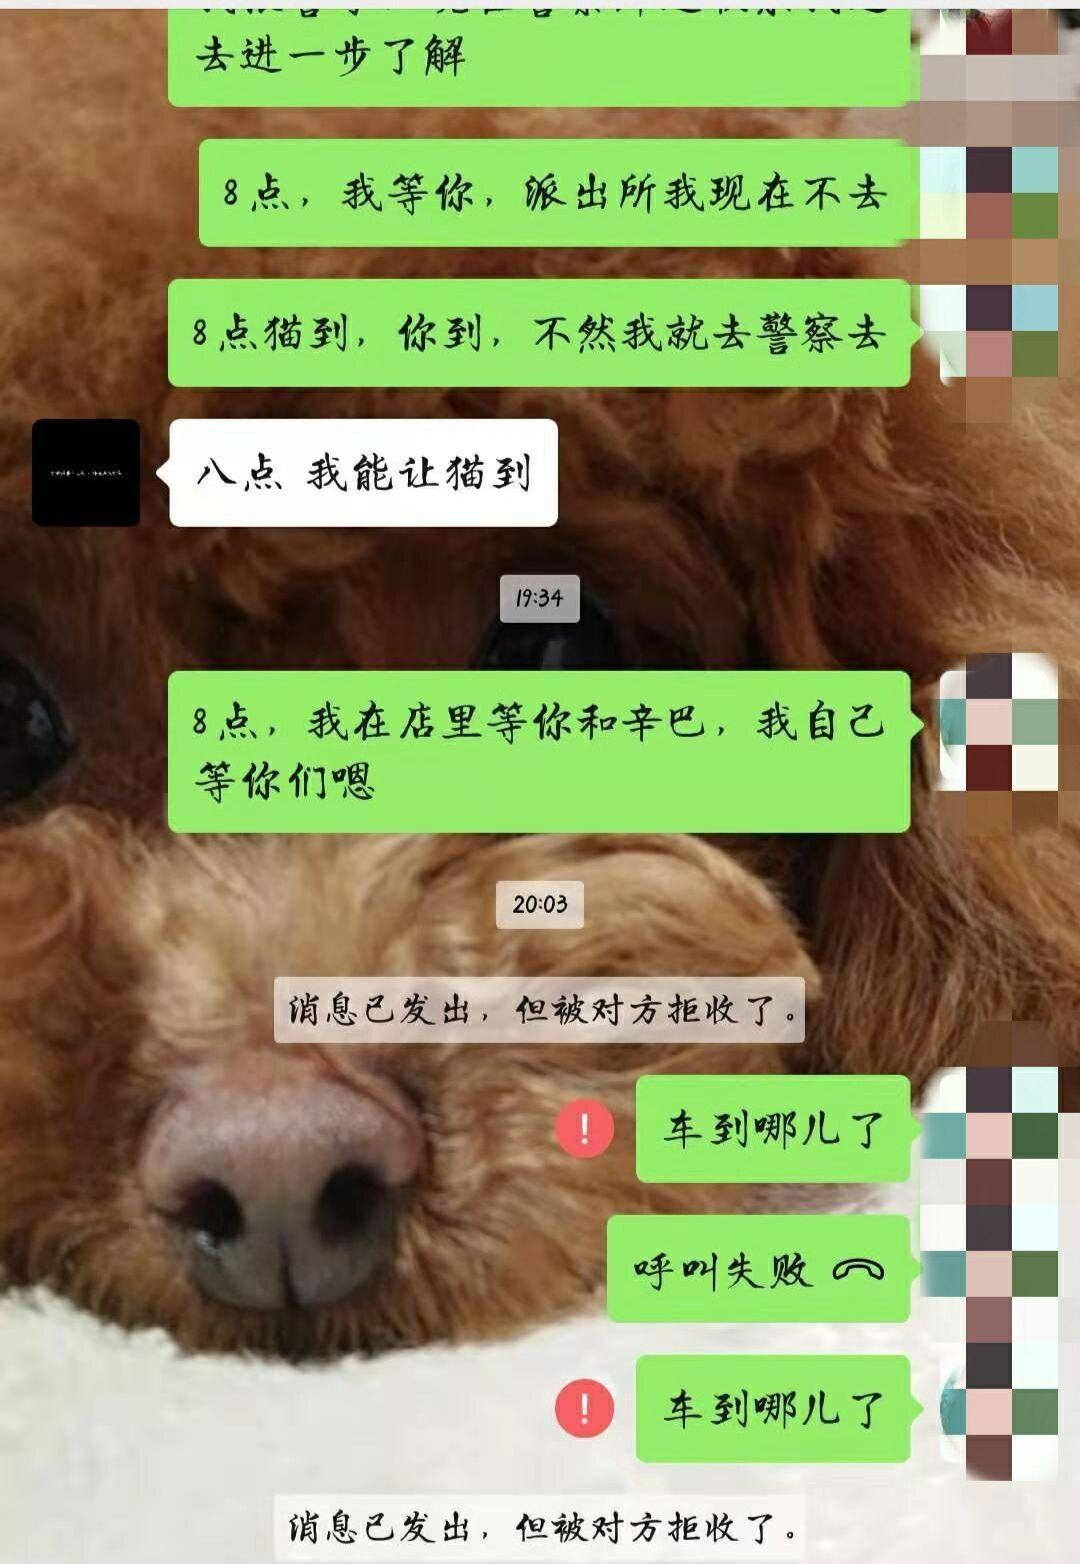 http://www.zgcg360.com/xiebaopeishi/468073.html